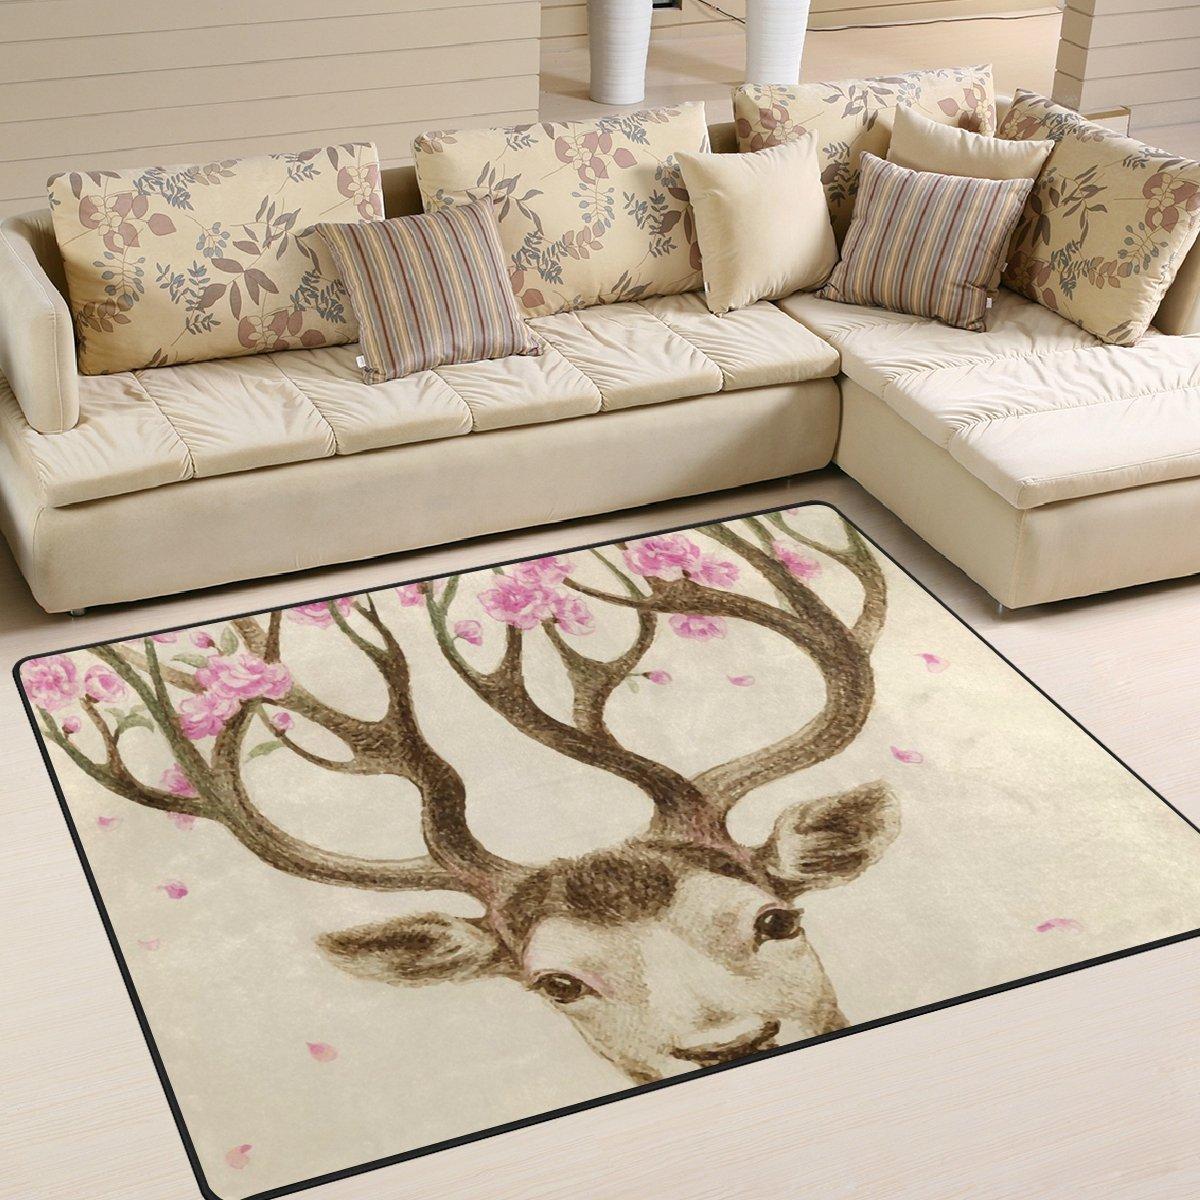 Ingbags Super Weich Moderner Hirsch Blume, ein Wohnzimmer Teppiche Teppich Schlafzimmer Teppich für Kinder Play massiv Home Decorator Boden Teppich und Teppiche 160 x 121,9 cm, multi, 80 x 58 Inch